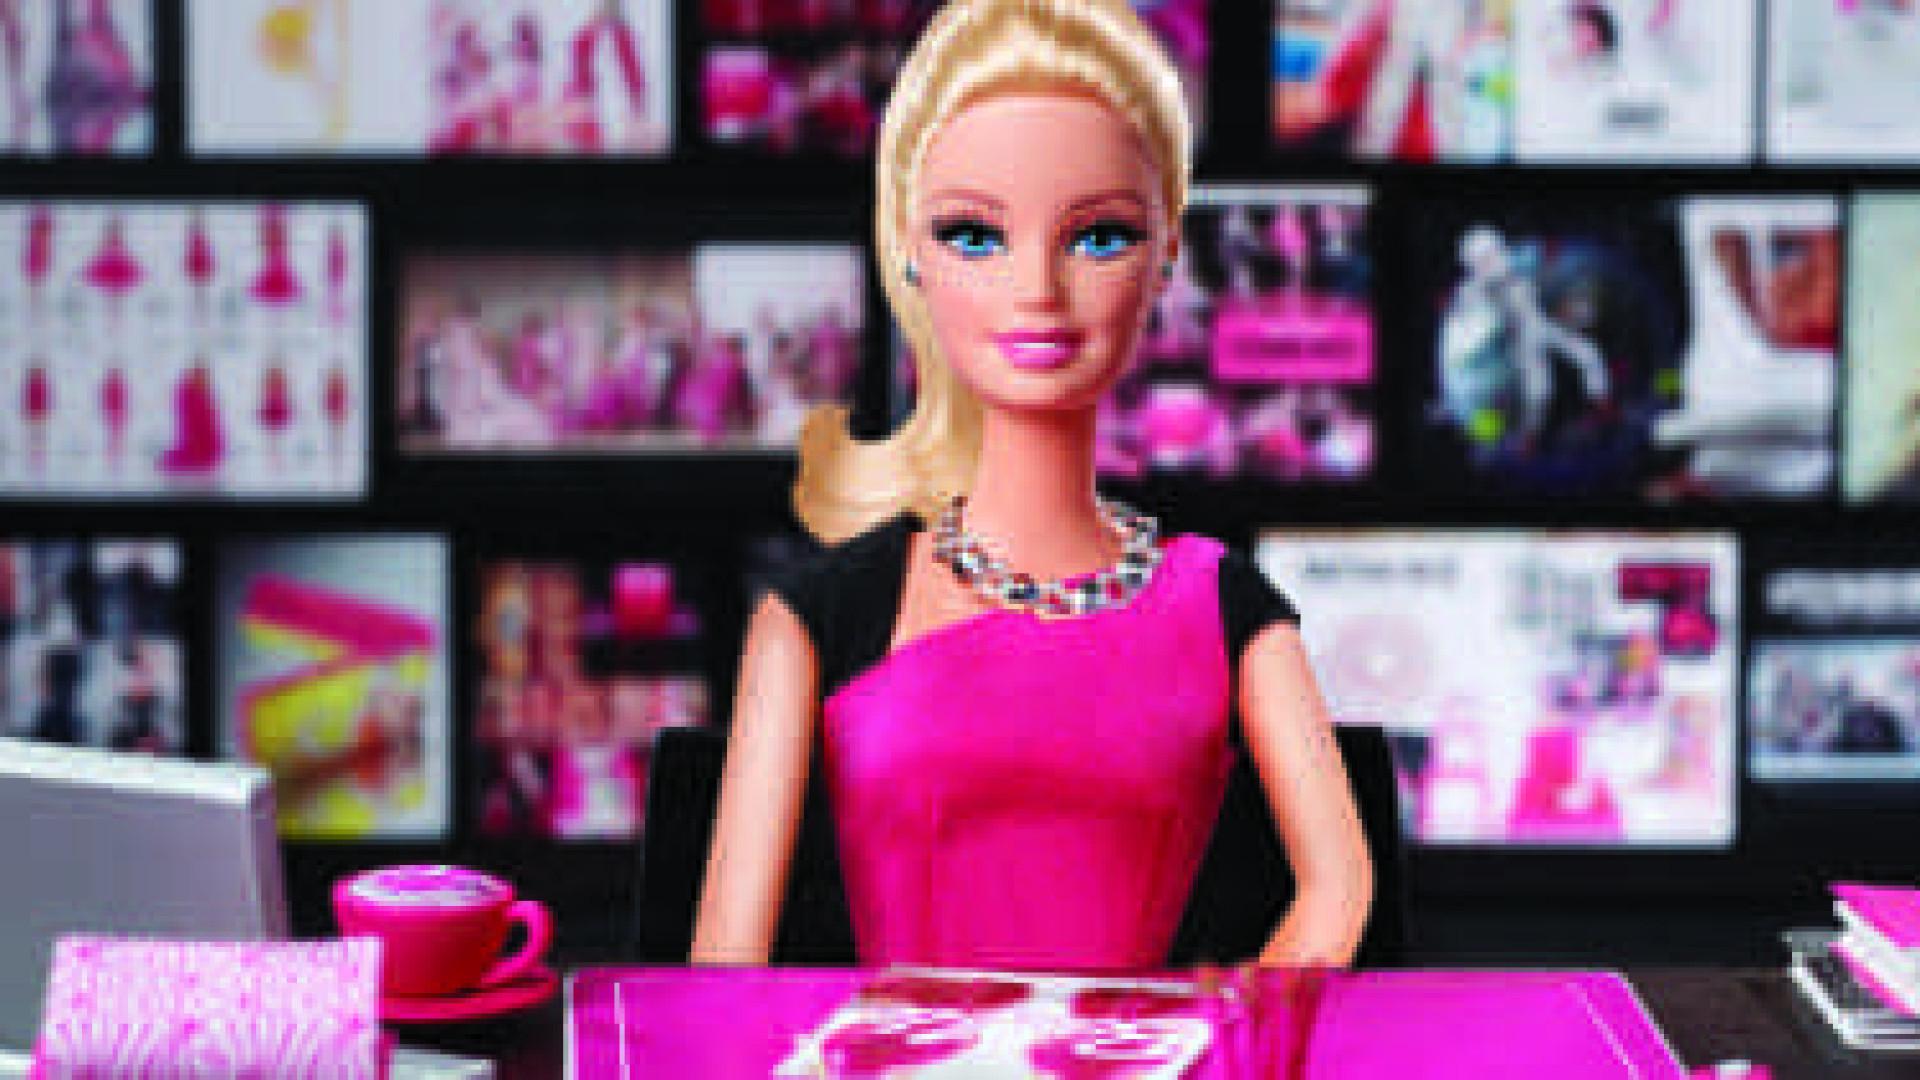 8fc8ed6c59 Barbie  inteligente  está a levantar questões de privacidade